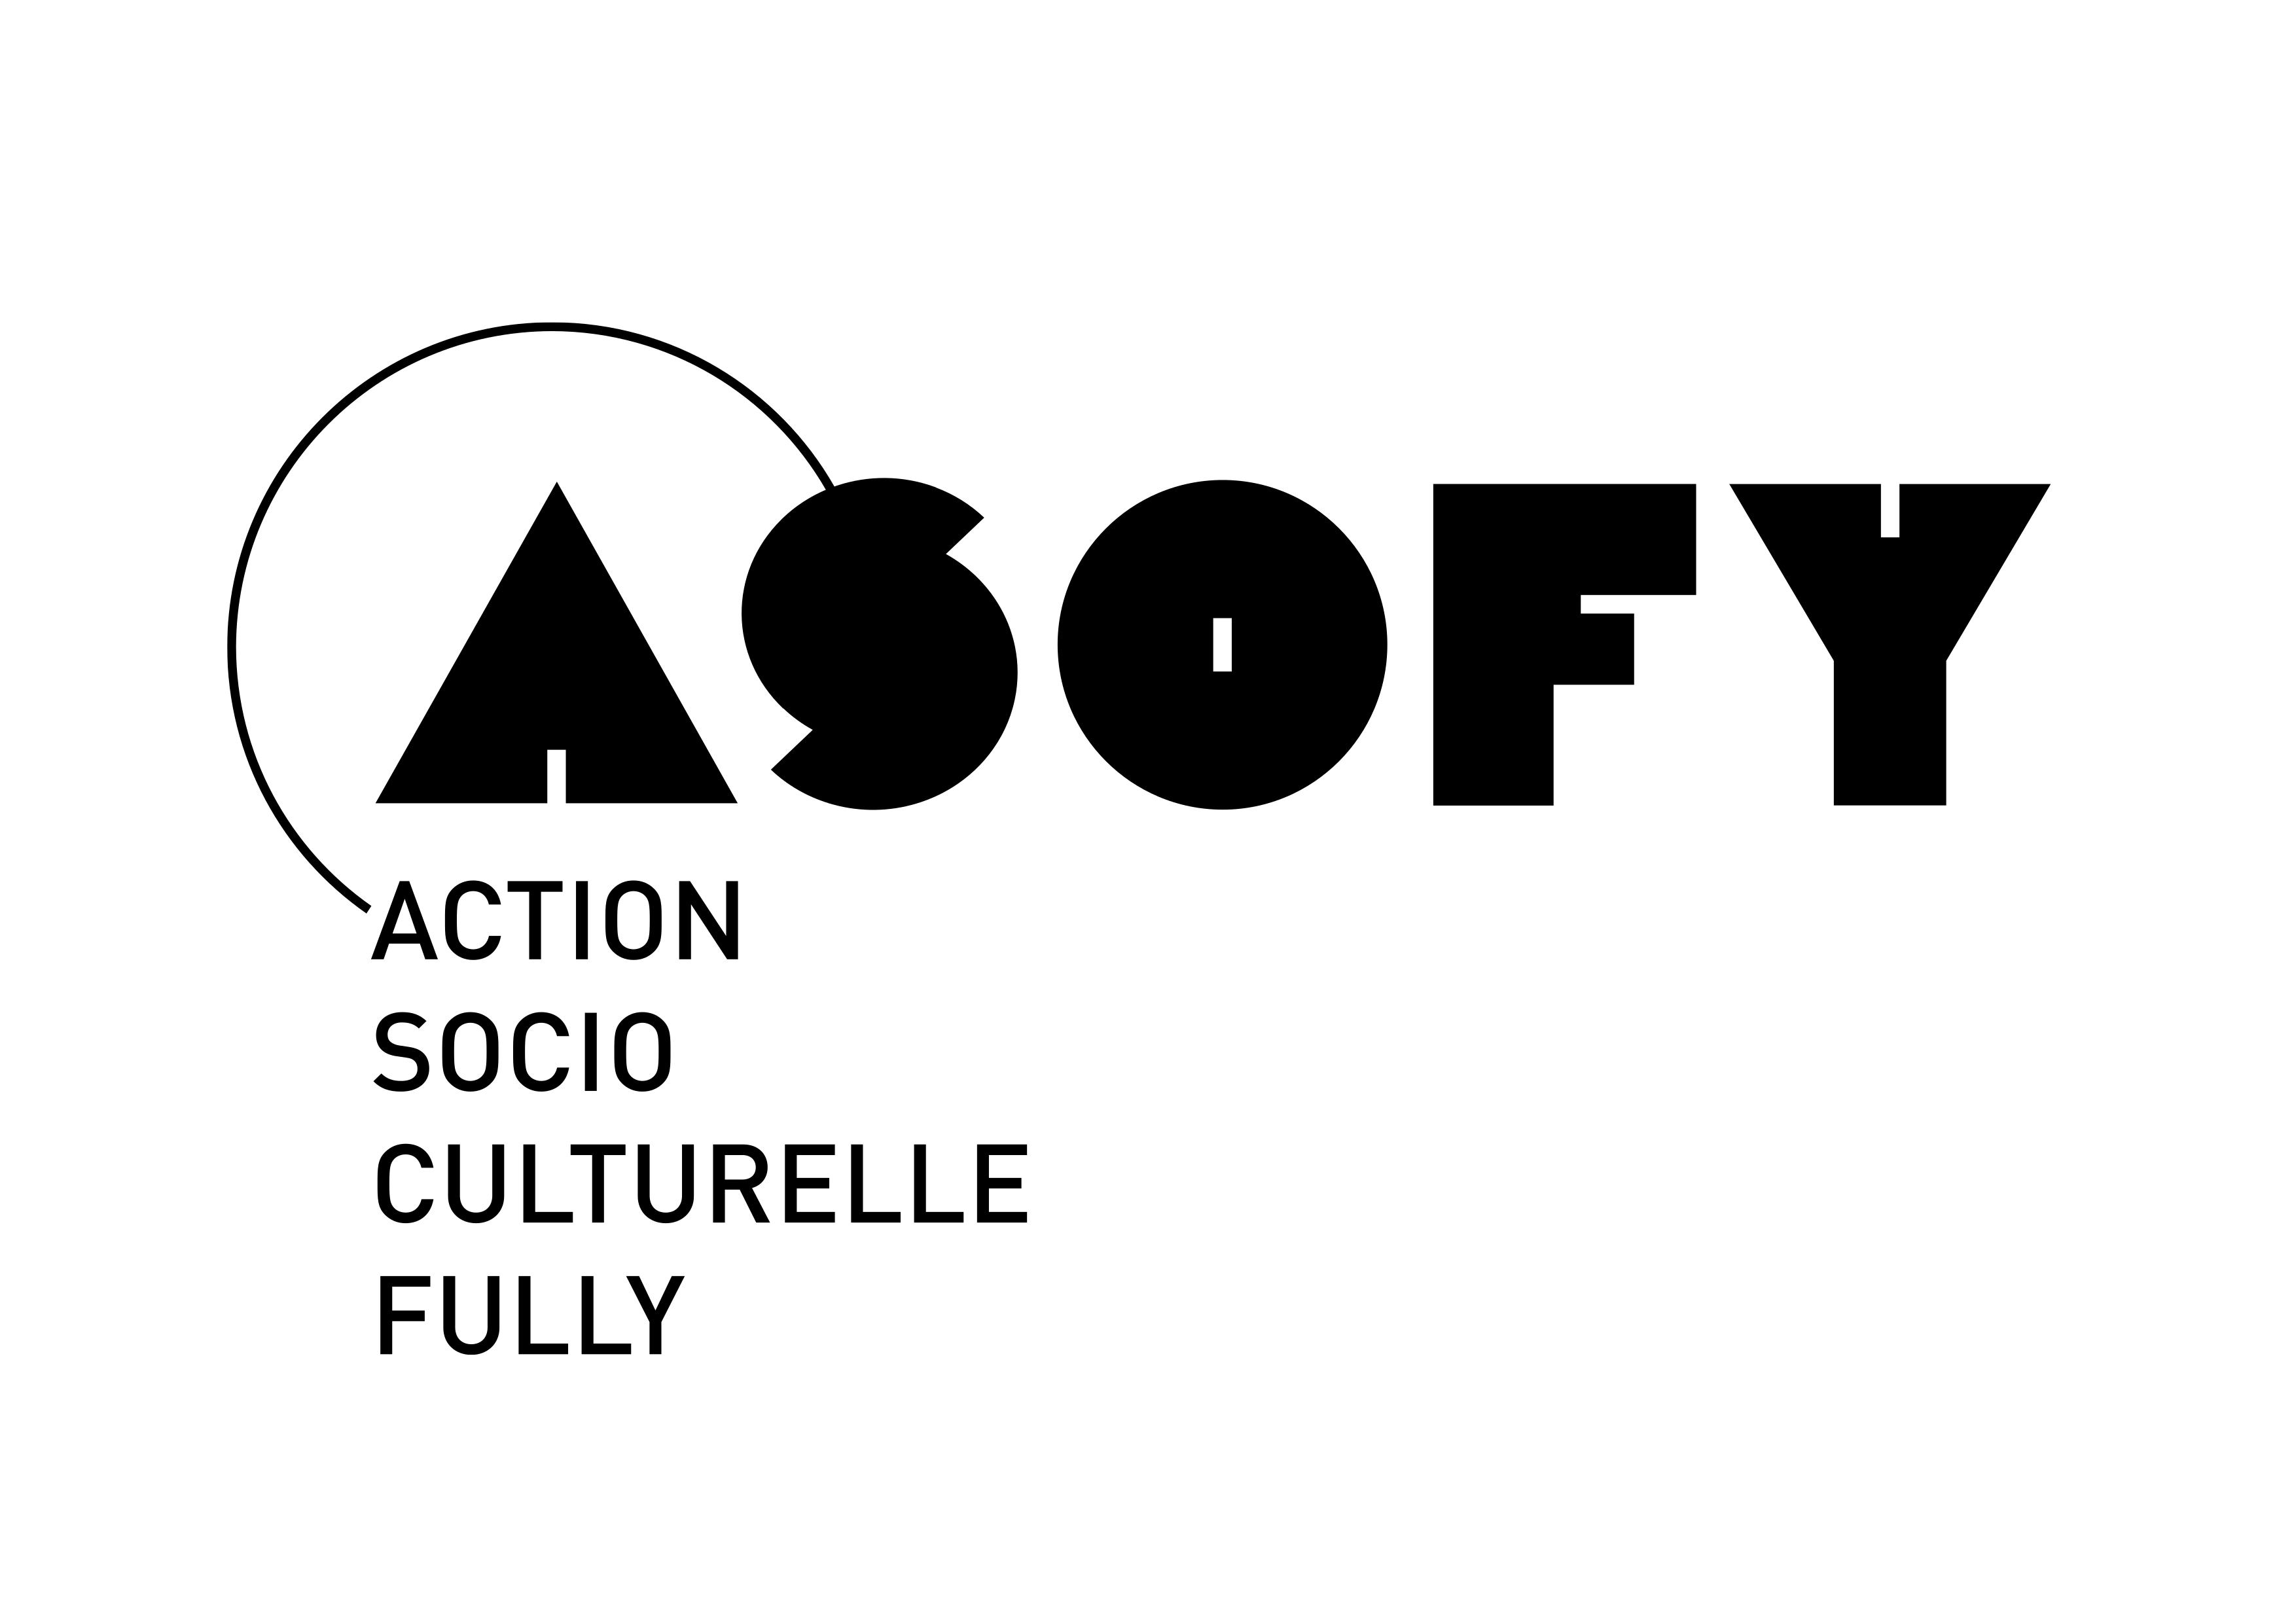 AsoFy